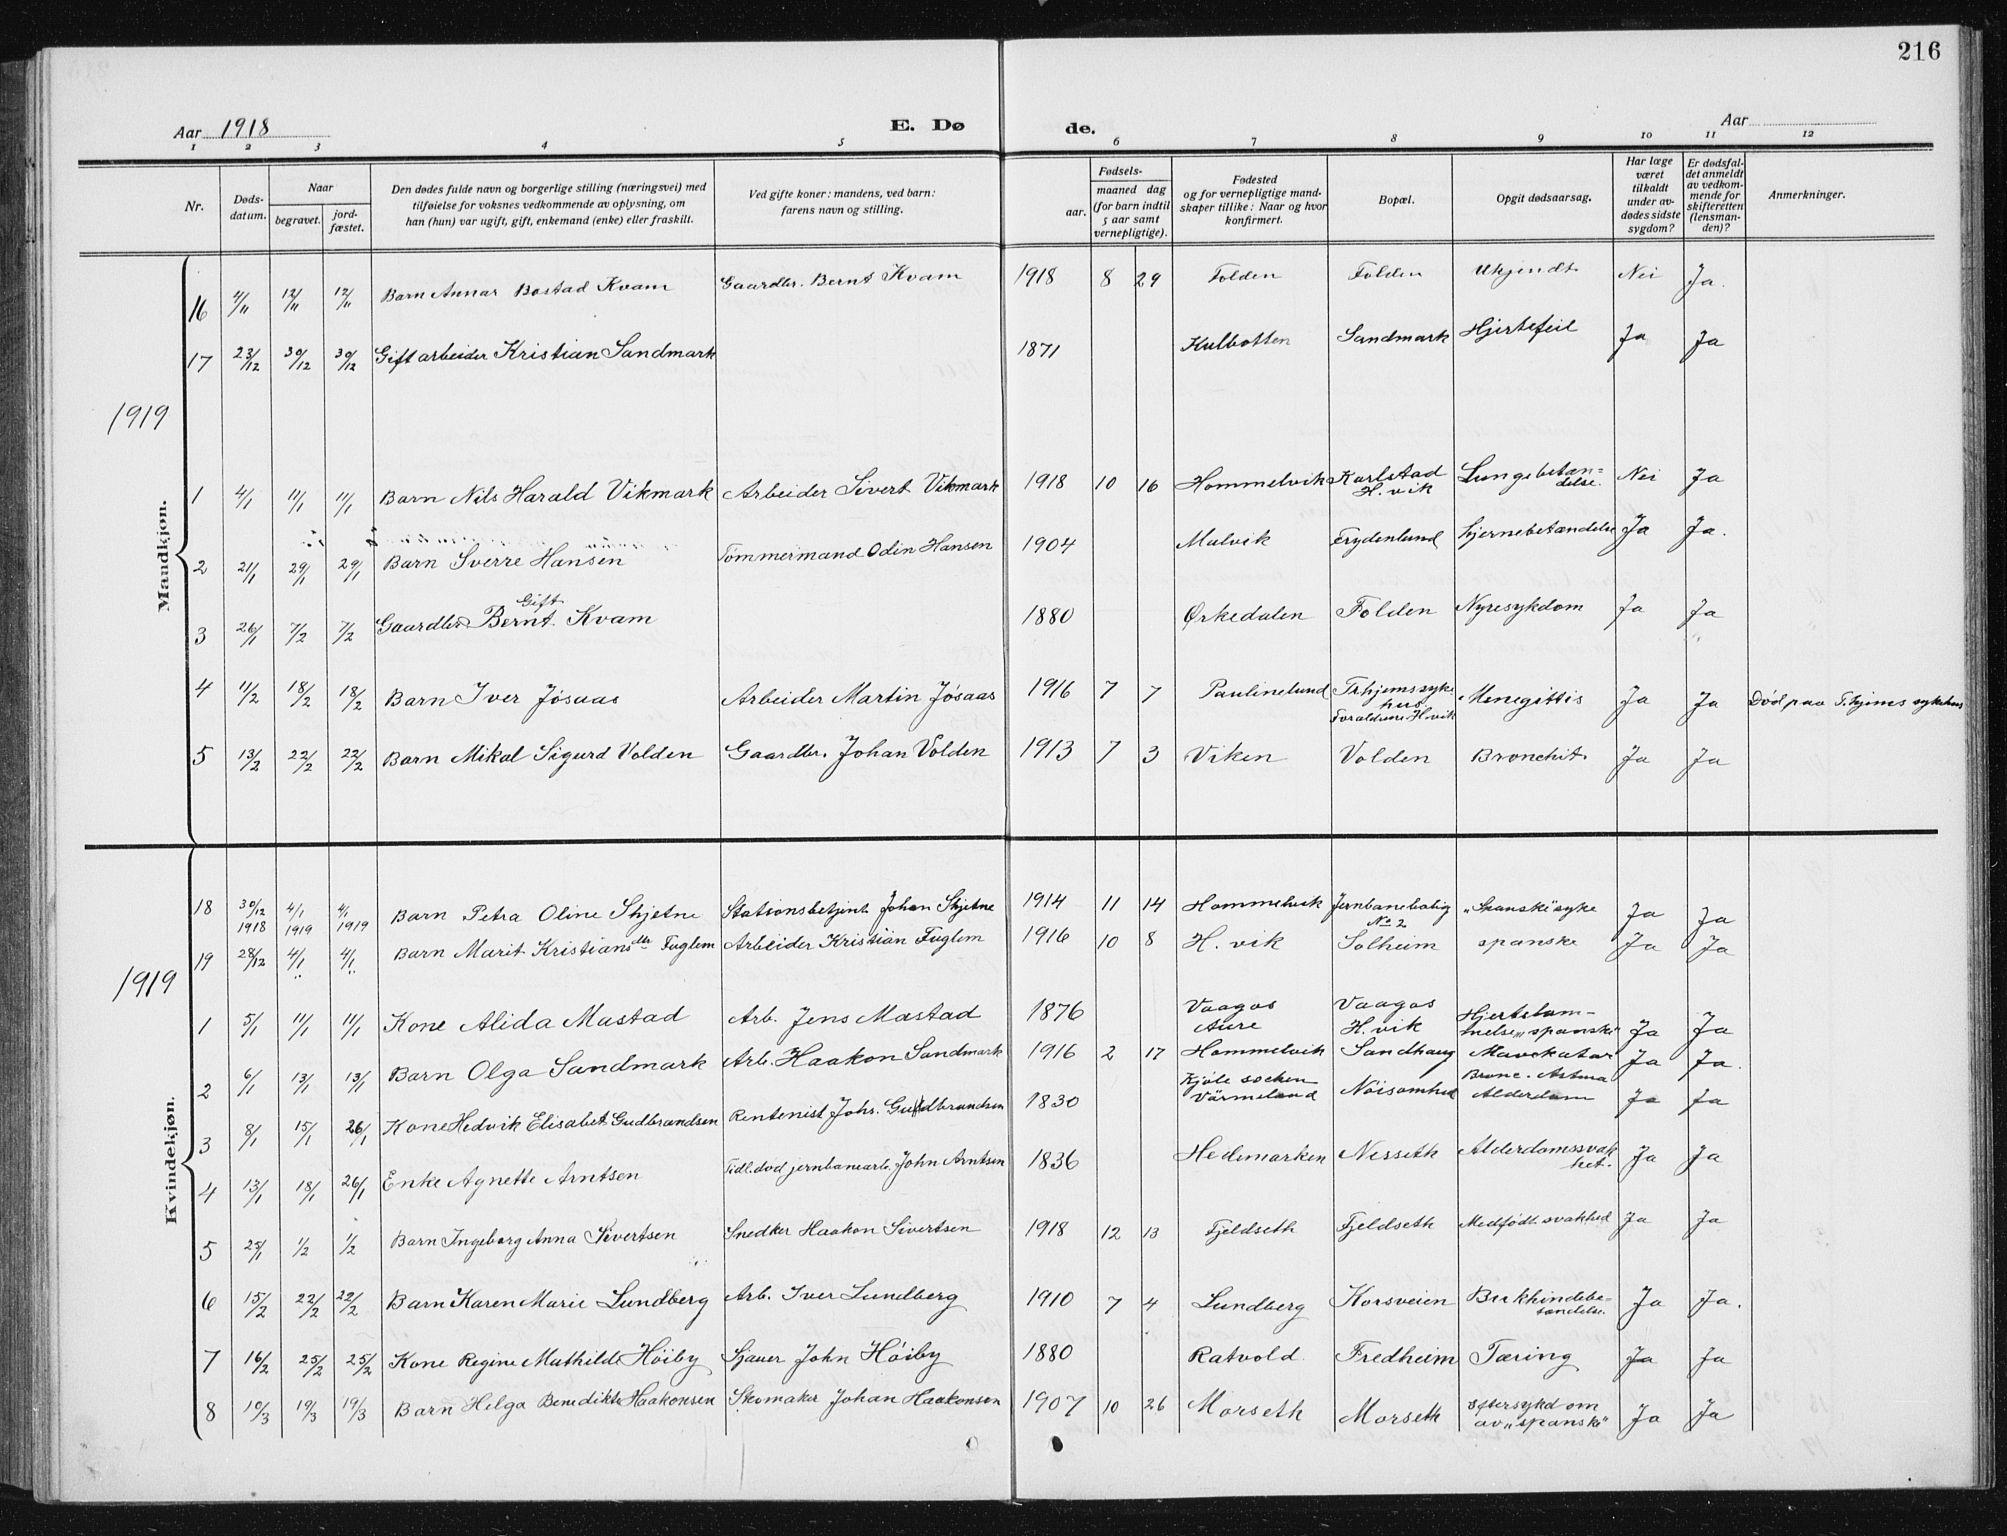 SAT, Ministerialprotokoller, klokkerbøker og fødselsregistre - Sør-Trøndelag, 617/L0431: Klokkerbok nr. 617C02, 1910-1936, s. 216